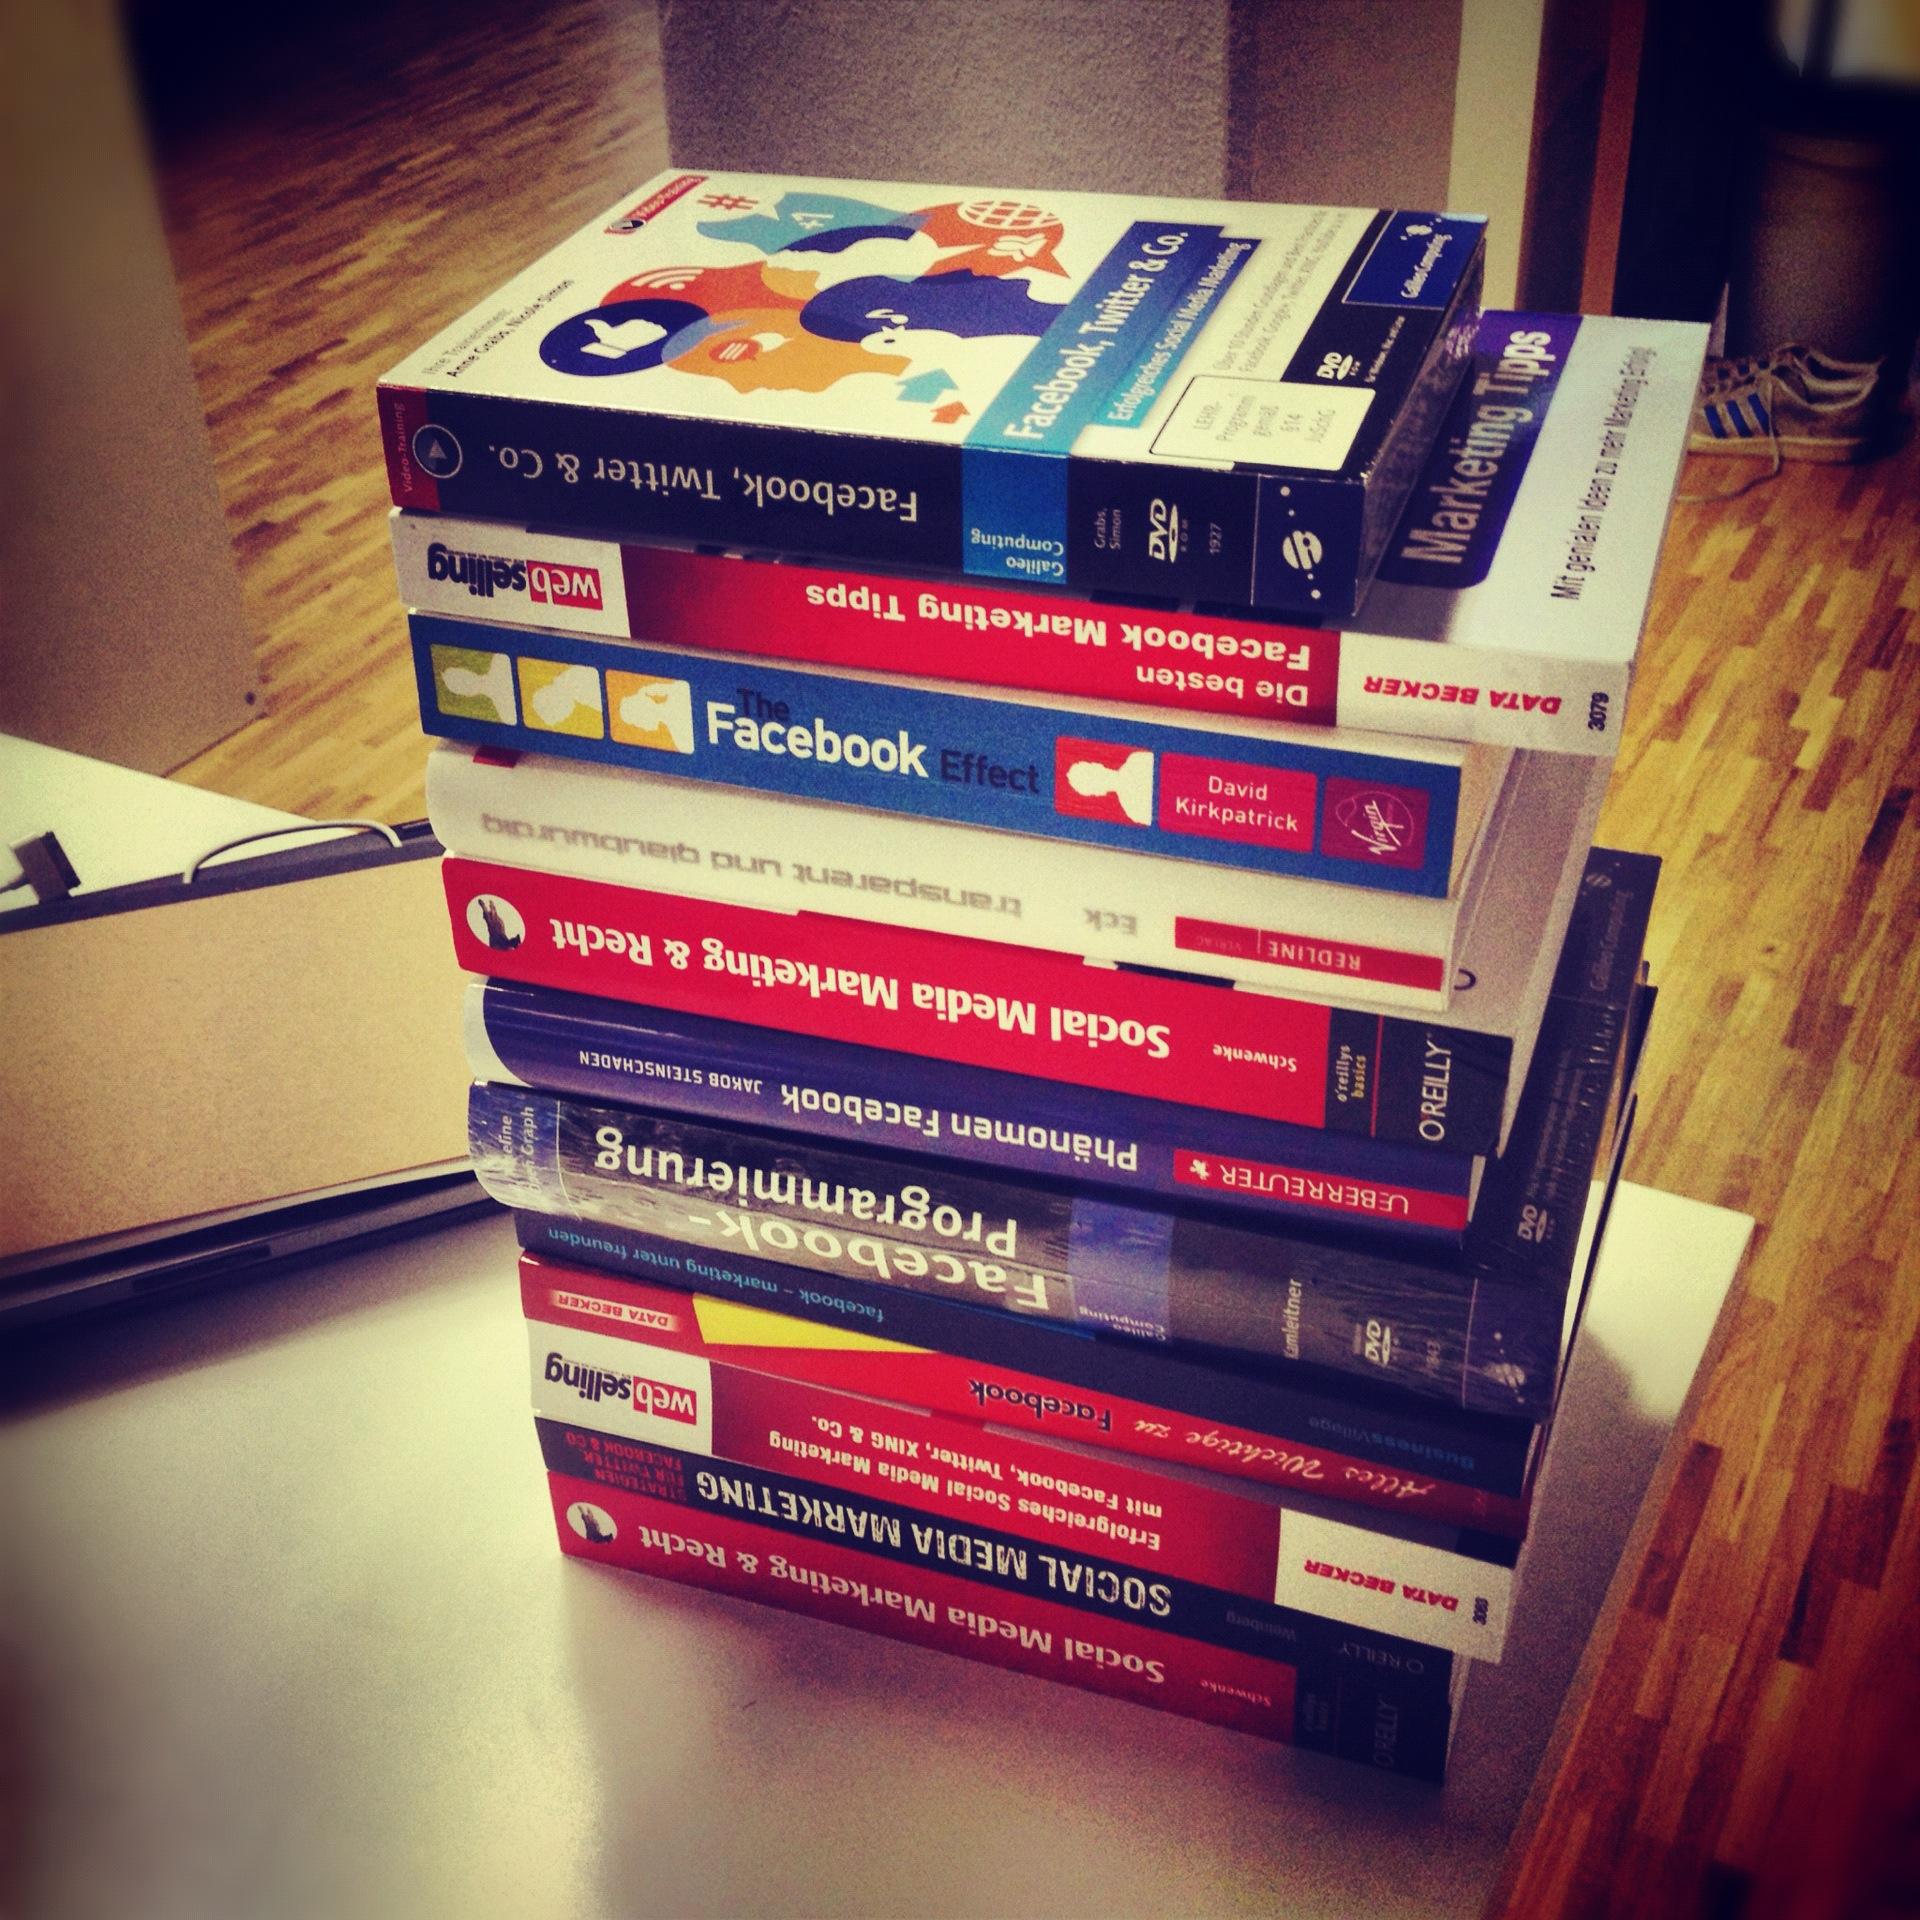 Verlosung: 17 Bücher über Facebook bei AllFacebook.de gewinnen!